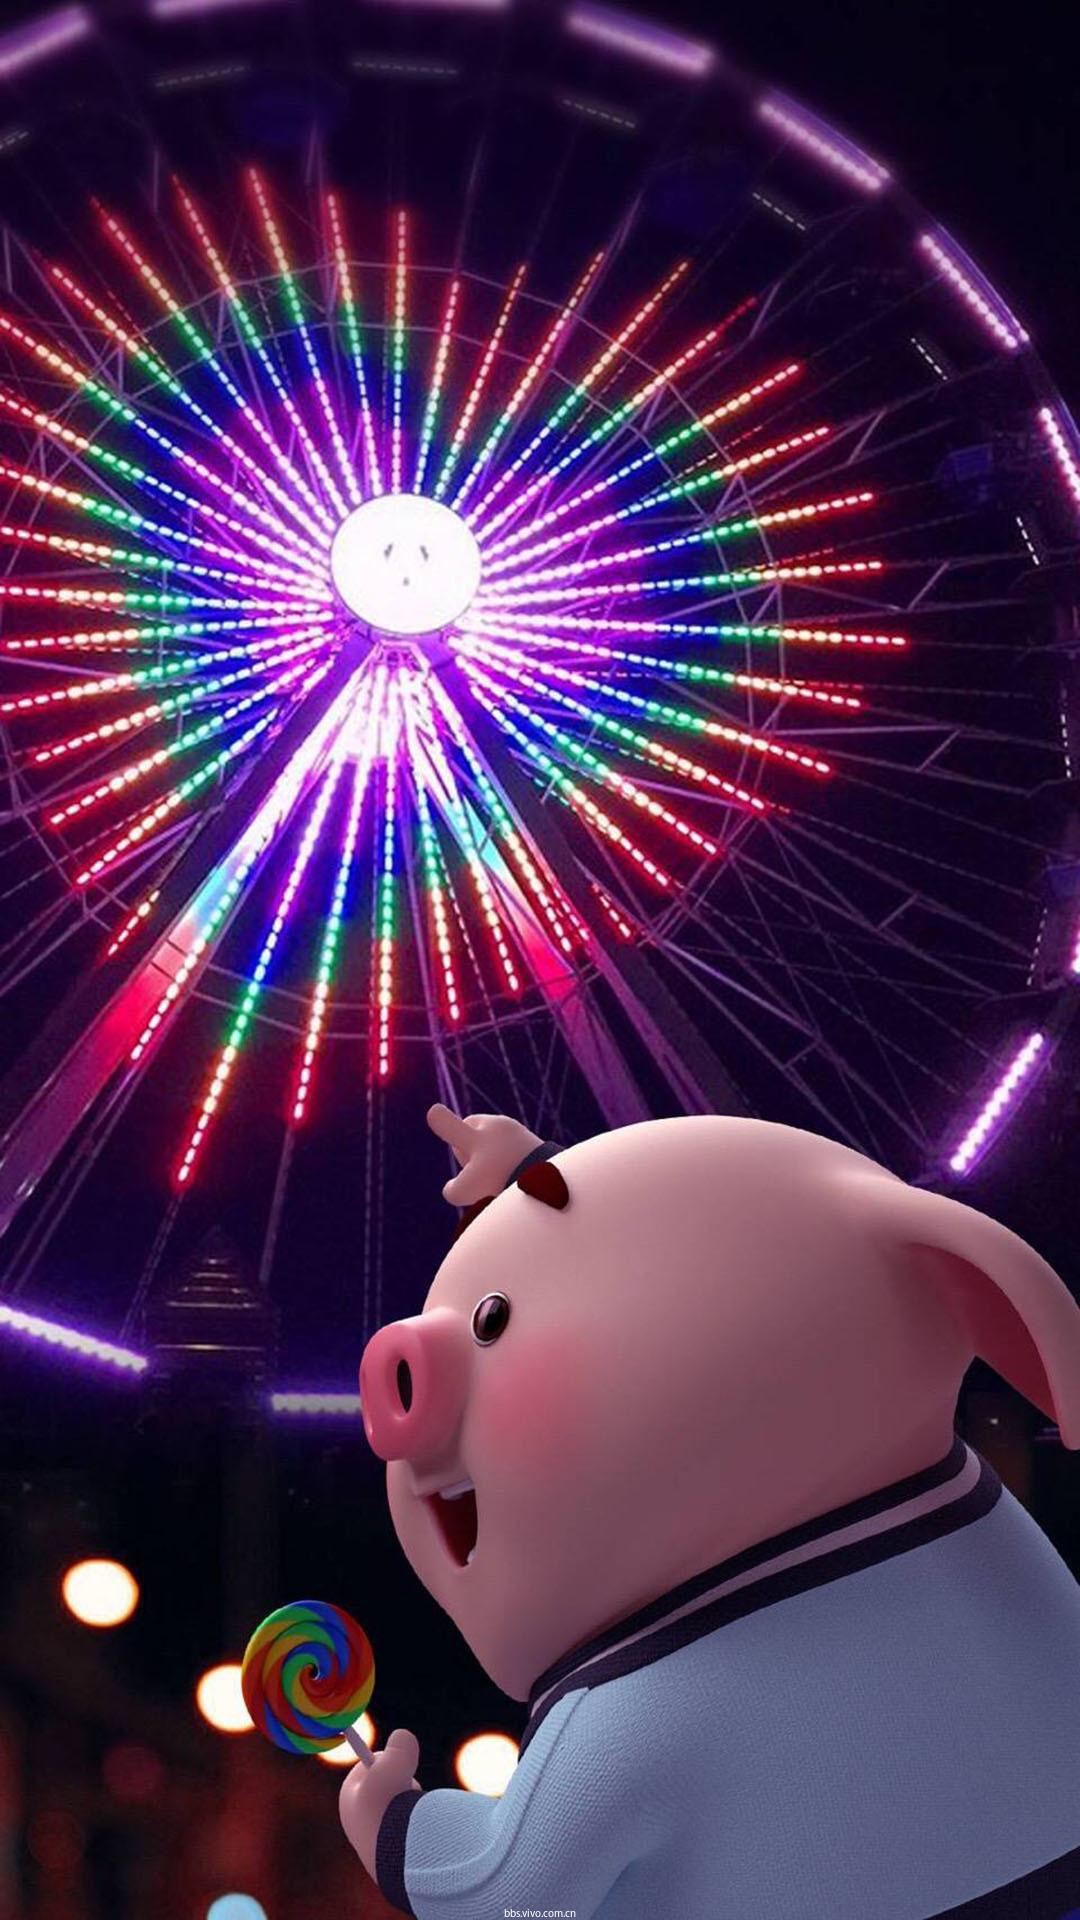 【v粉主题素材壁纸】可爱的卡通小猪唯美高清手机壁纸